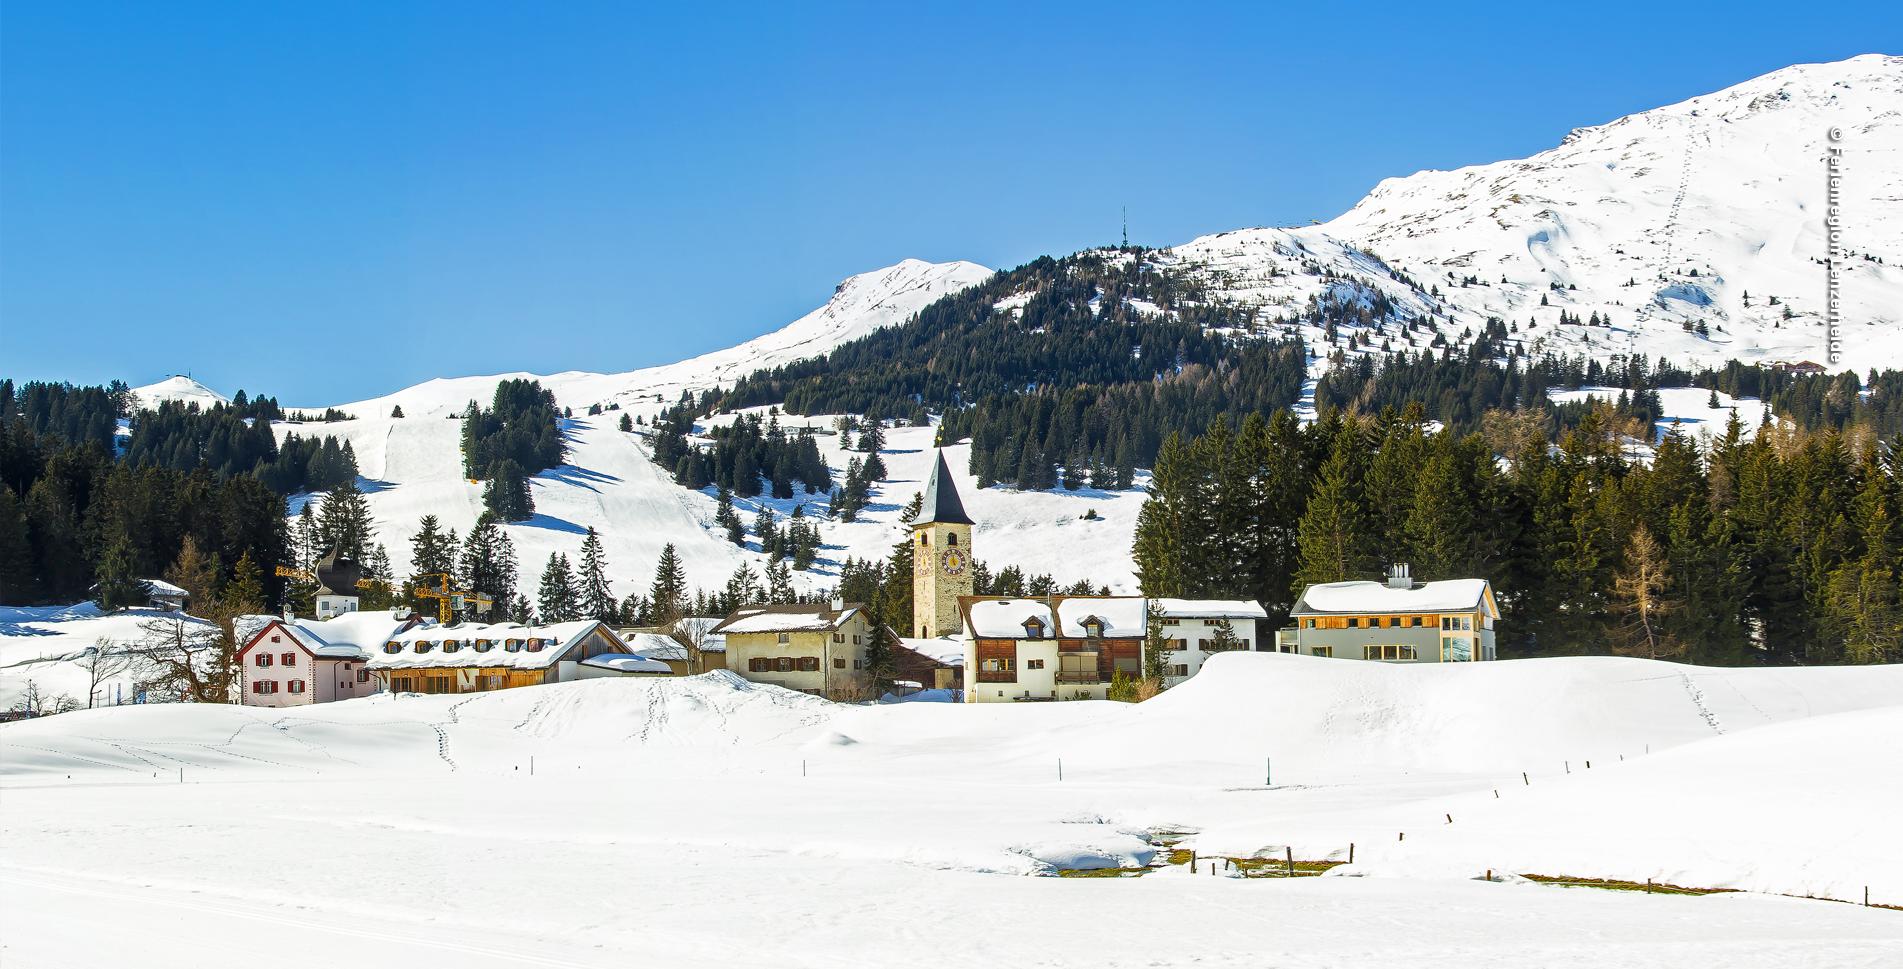 Winterwanderung von Parpan, nördlich von Valbella und Lenzerheide, auf dem Mittelberg-Weg 207 via Restaurant Tschugga Parpan, Tschuggen, Alpkäserei Parpan, Mittelberg und wieder zurück nach Parpan